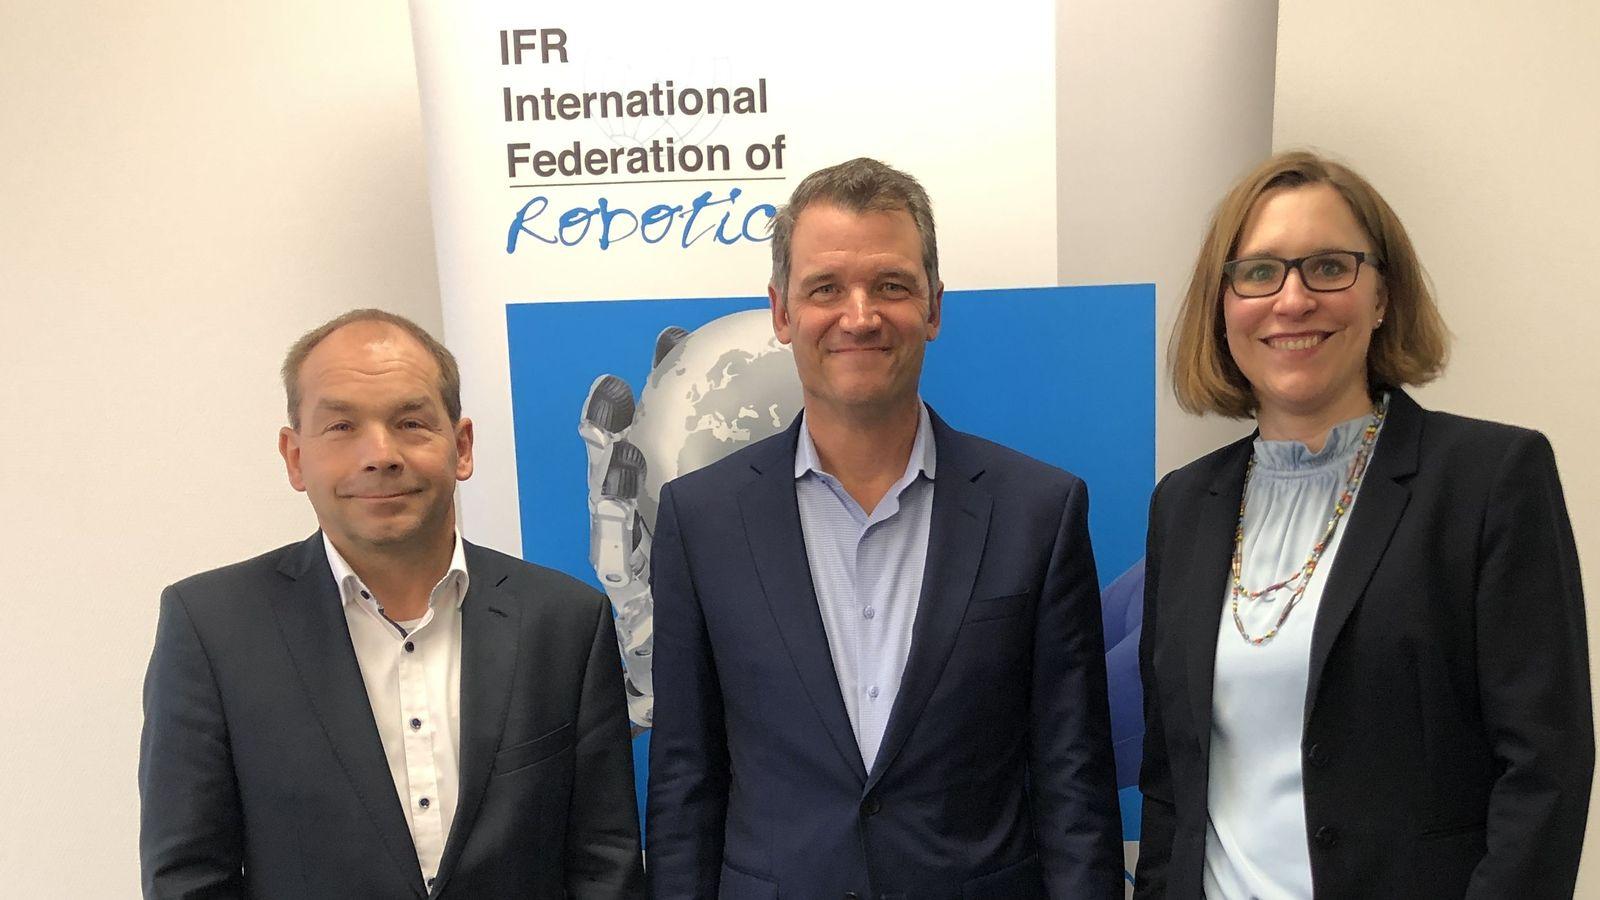 od lewej do prawej: Armin Schlenk, przewodniczący IFR Marcom Group; Milton Guerry, prezes IFR; Susanne Bieller, sekretarz generalny IFR